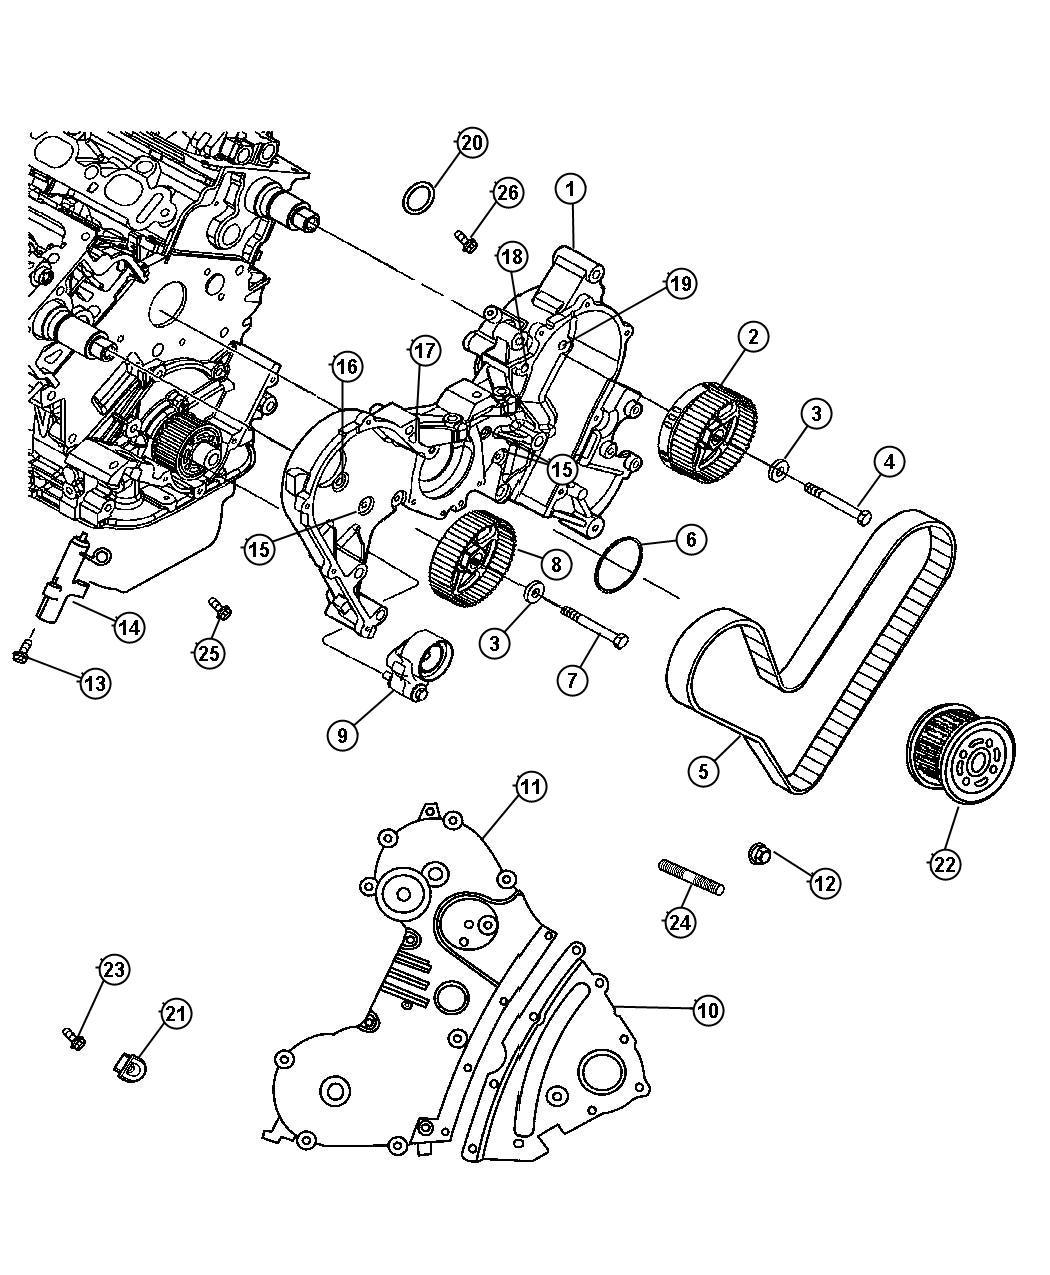 Chrysler Pacifica Awd 3 5l V6 24v Mpi 4 Spd Automatic